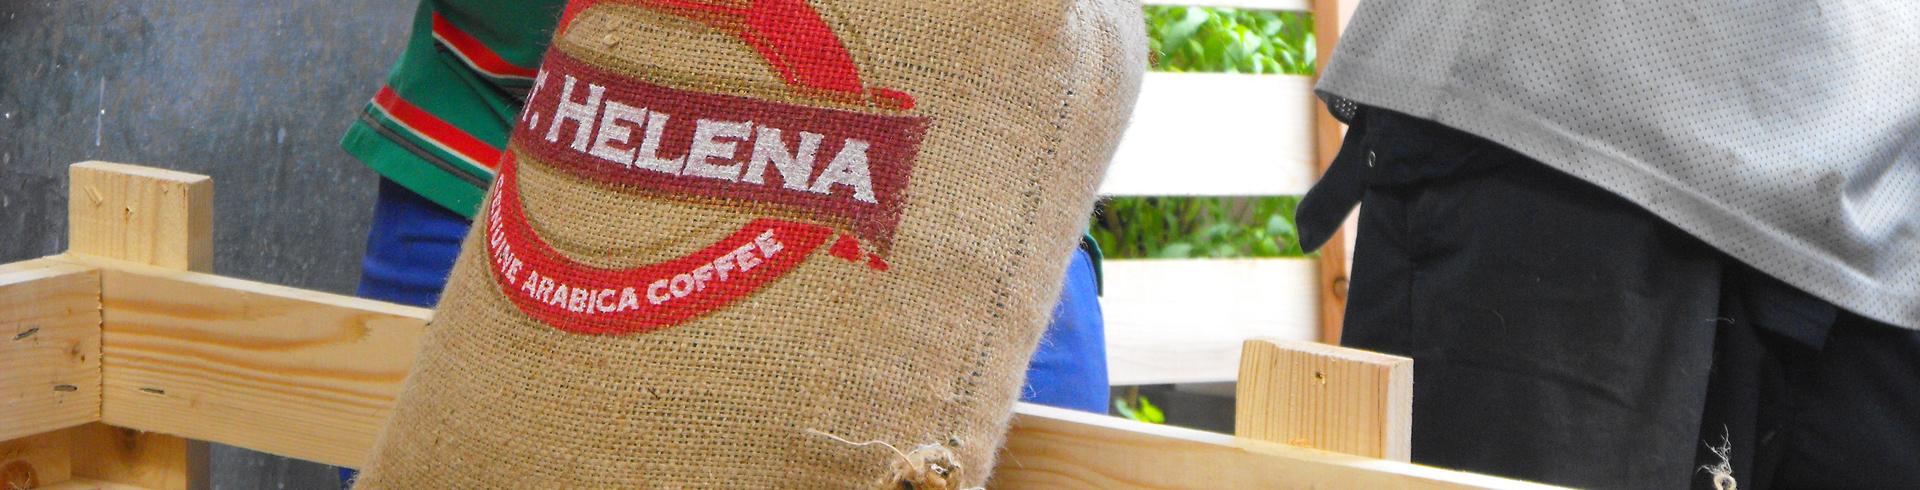 St-Helena-Hessian-Bag-banner.jpg